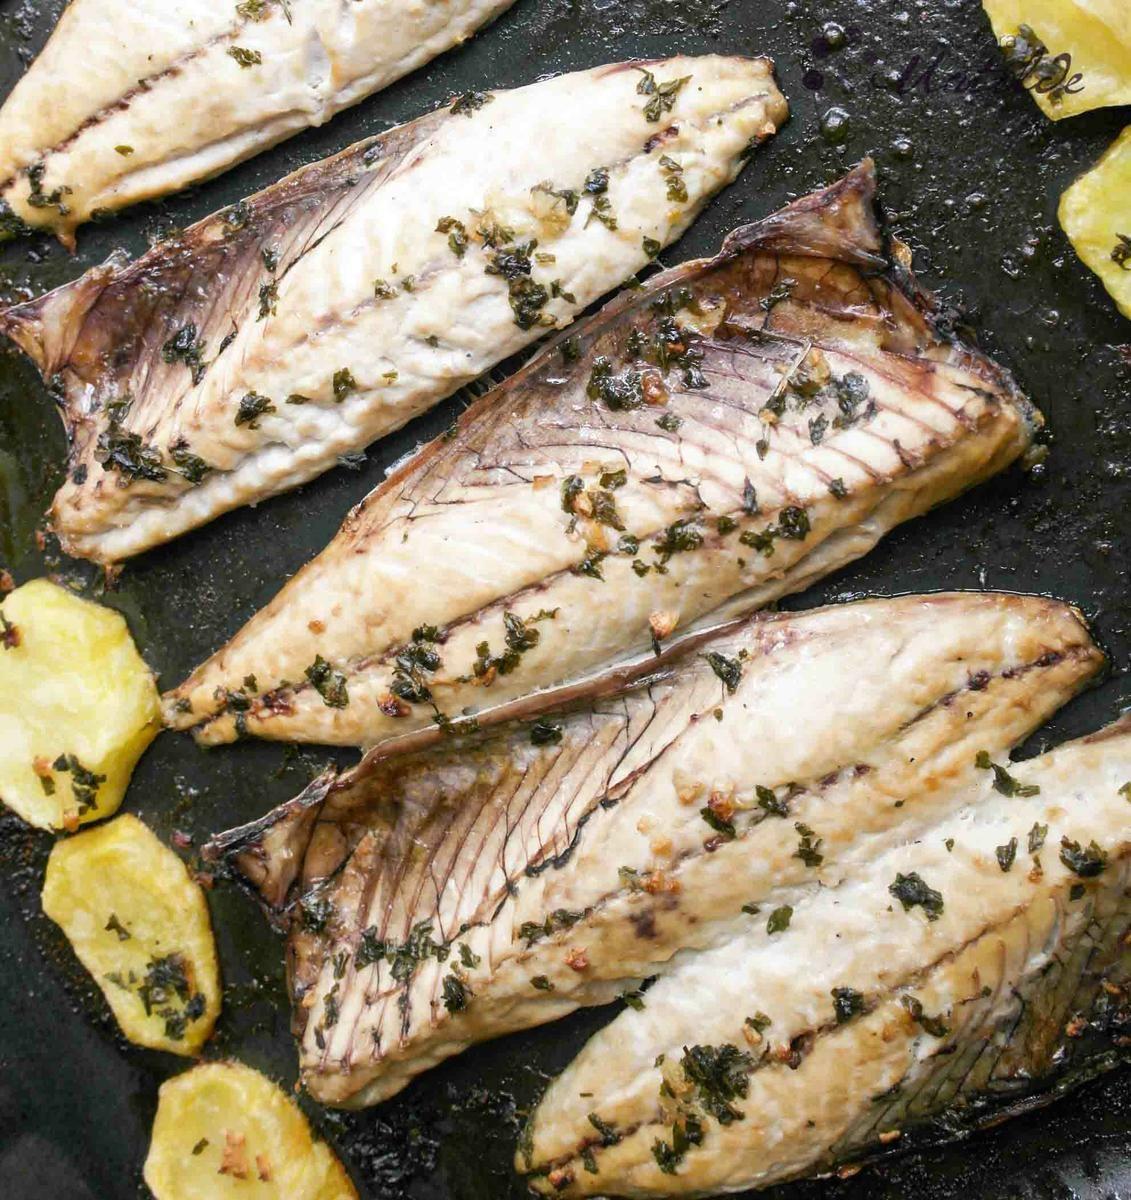 Xarda o caballa al horno pescados y mariscos recetas for Cocinar pez espada al horno